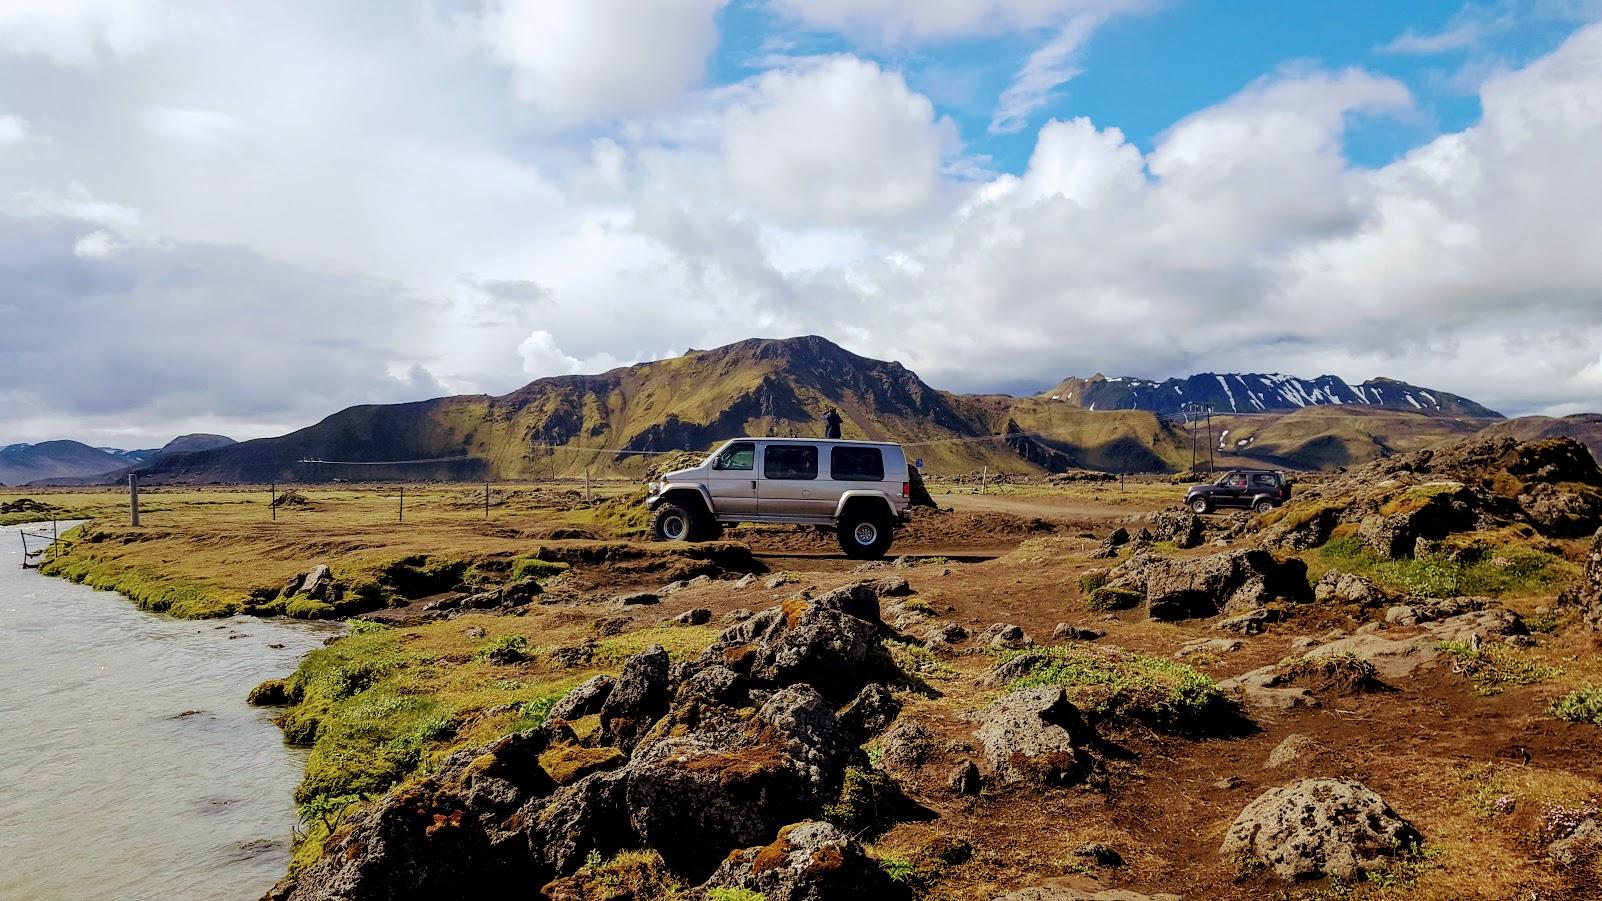 En superjeep krävs för att ta sig över floden och den oländiga terrängen vid Landmannalaugar.